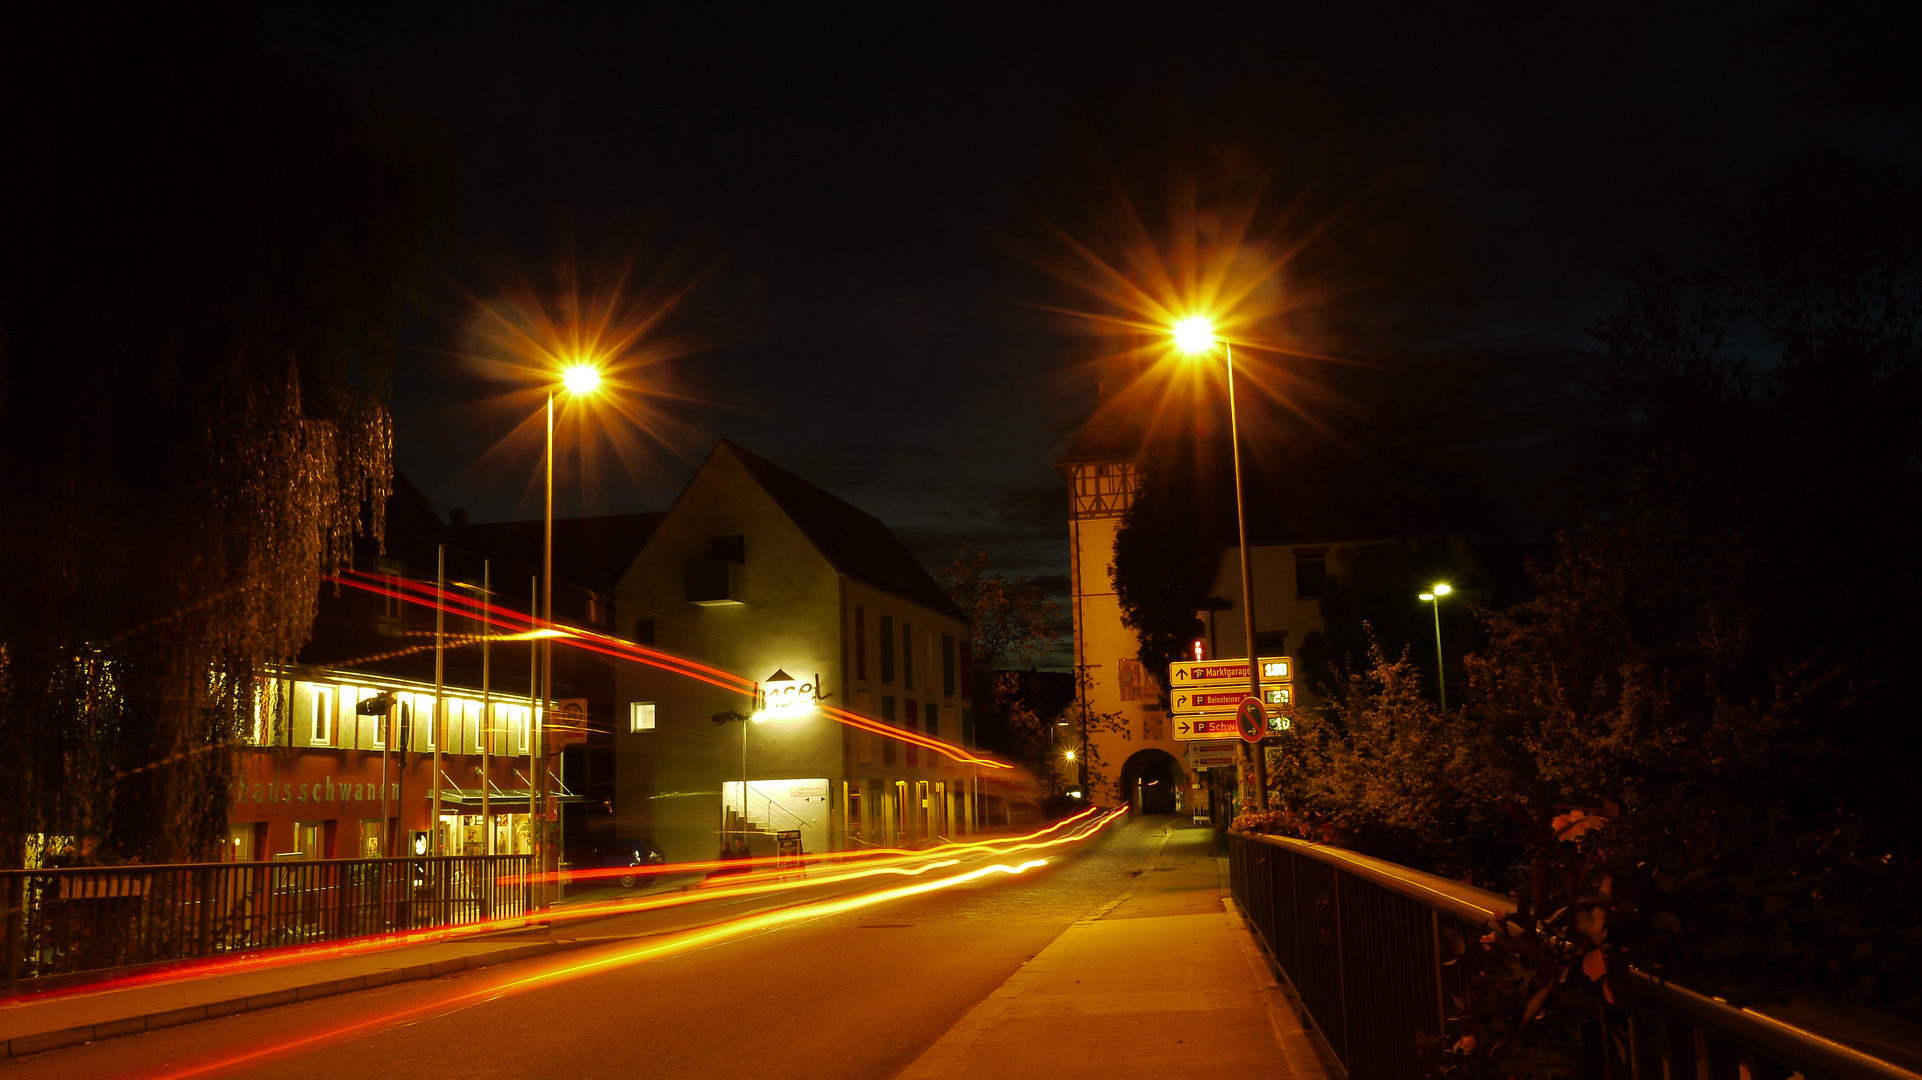 Am Beinsteiner Tor in Waiblingen